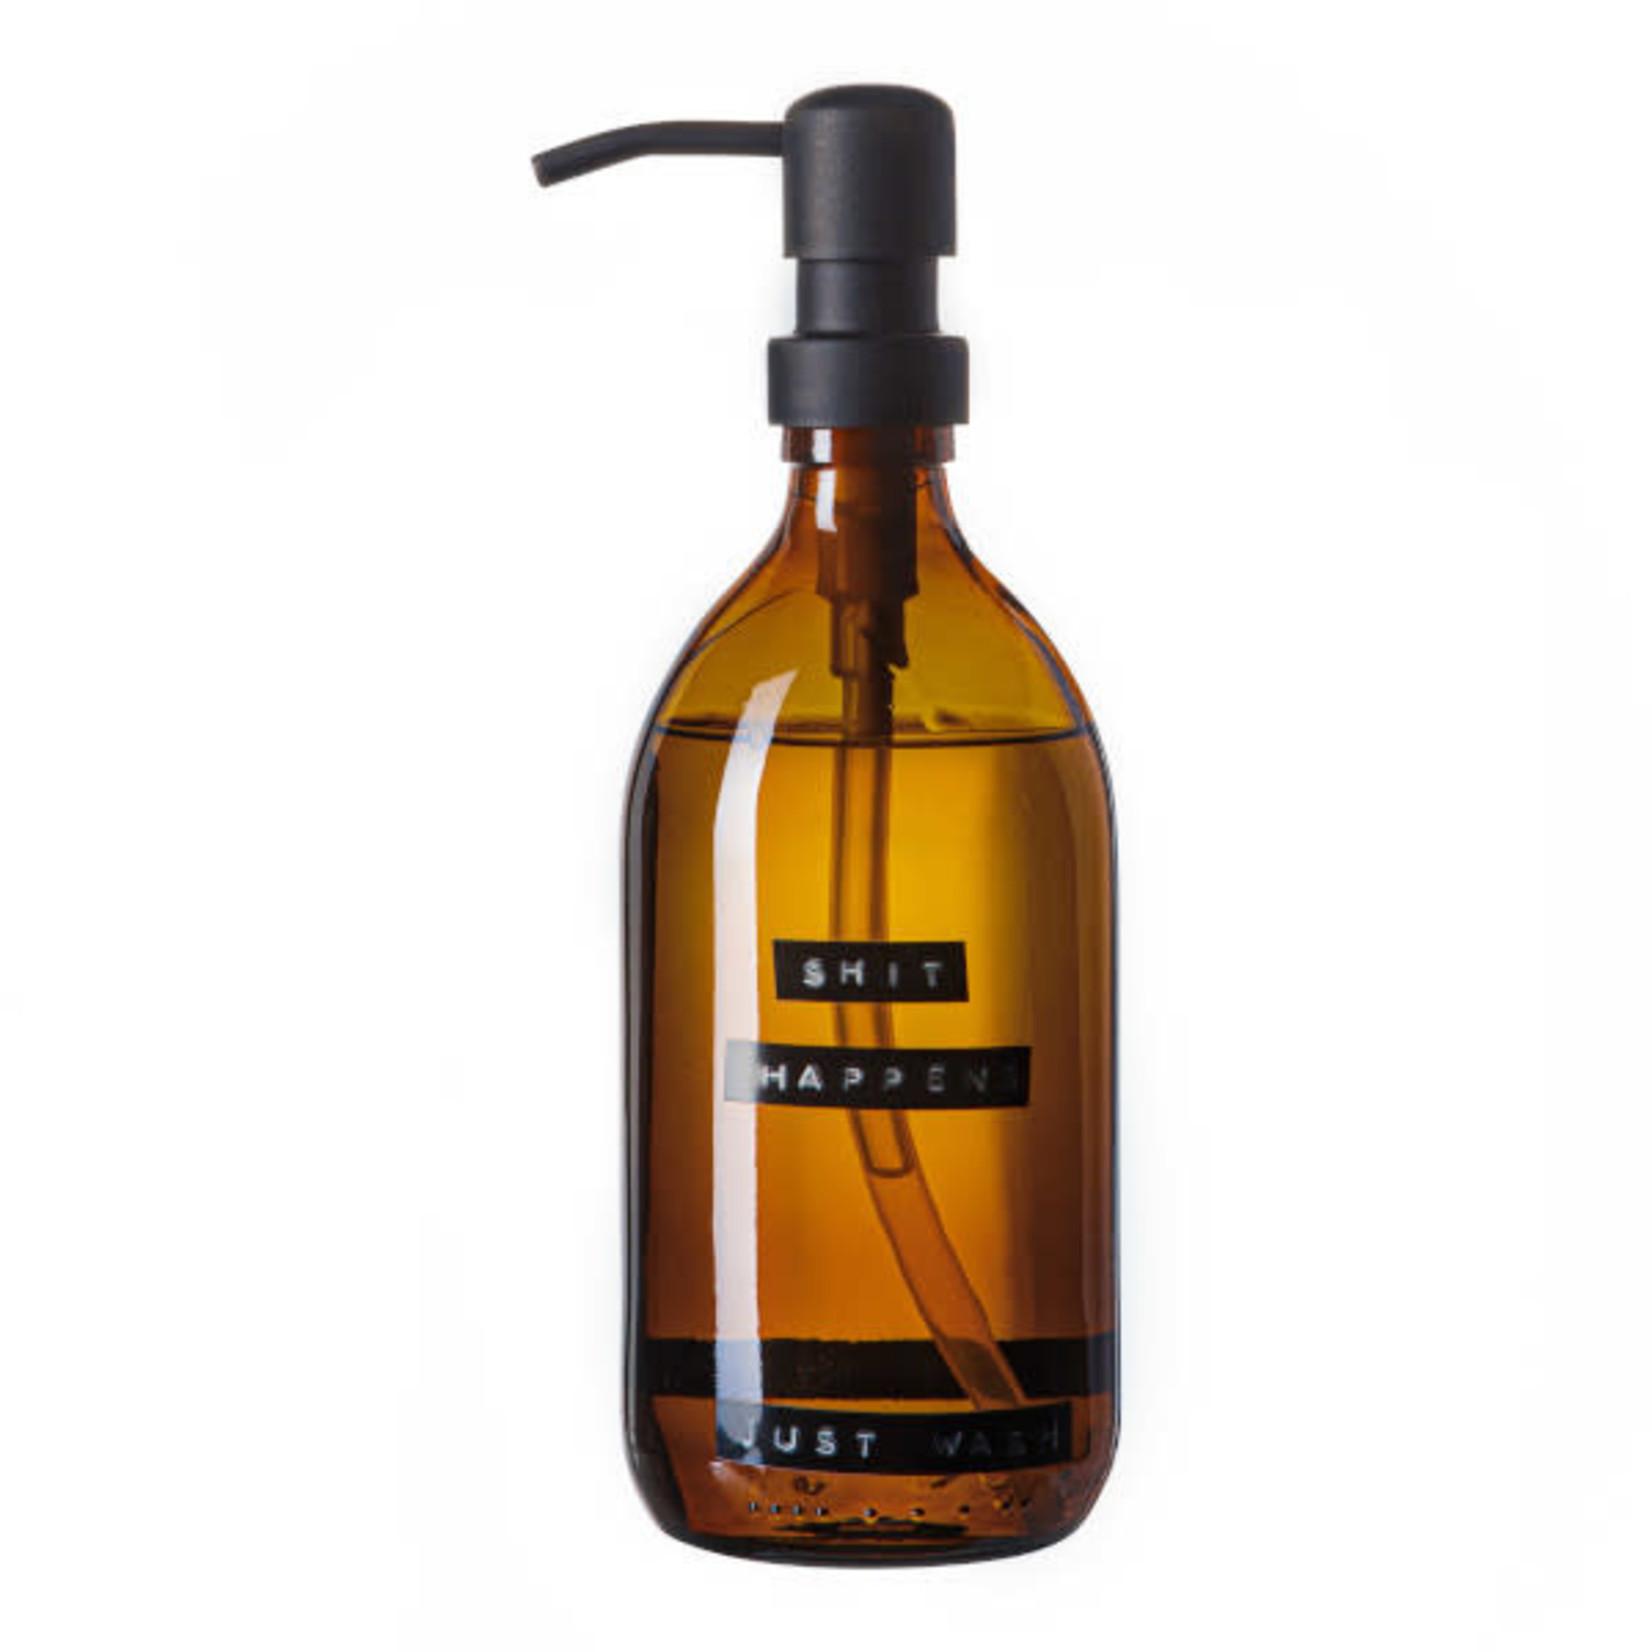 WELLmark WELLmark Zeeppomp bruin glas - zwart - 500ml handzeep bamboe 'Shit happens just wash'